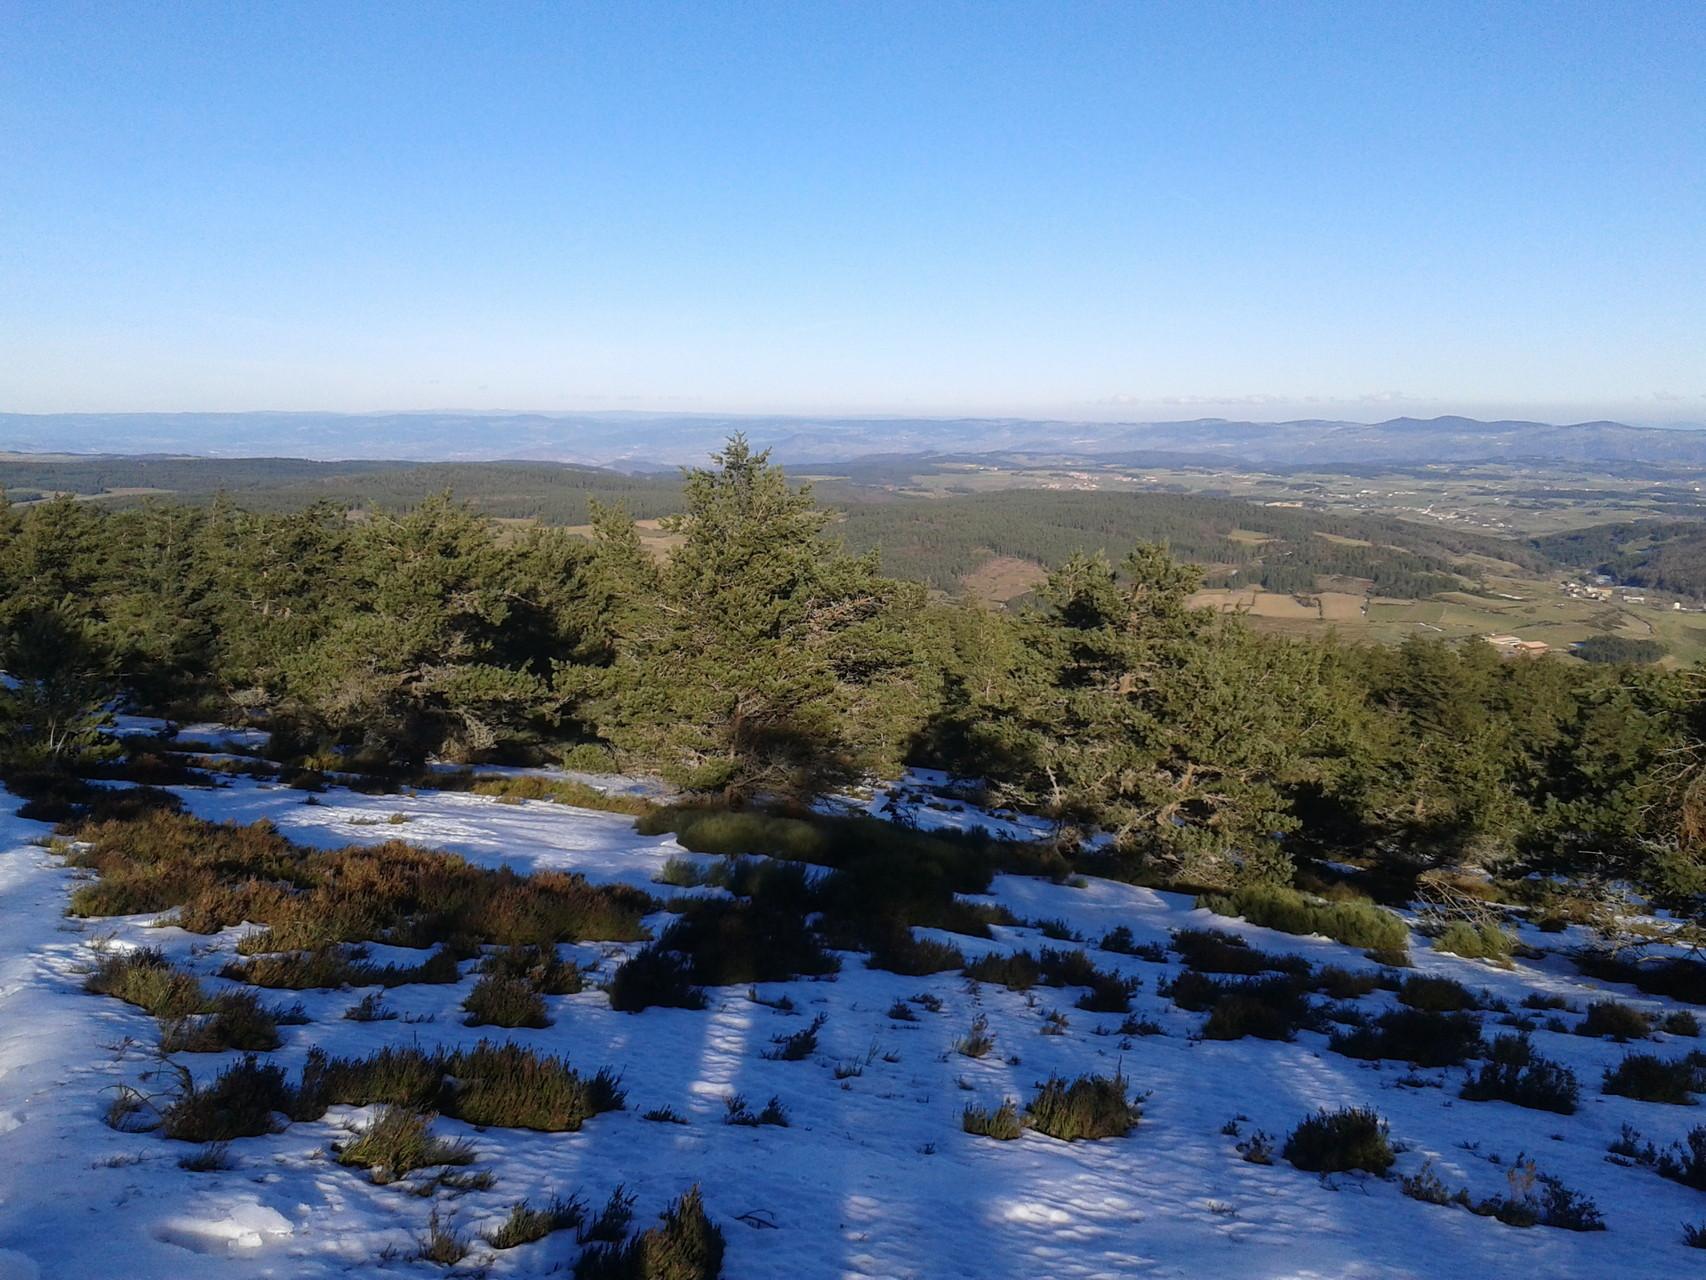 le Montchauvet, gîte de grande capacité, La Margeride, Saugues, Auvergne